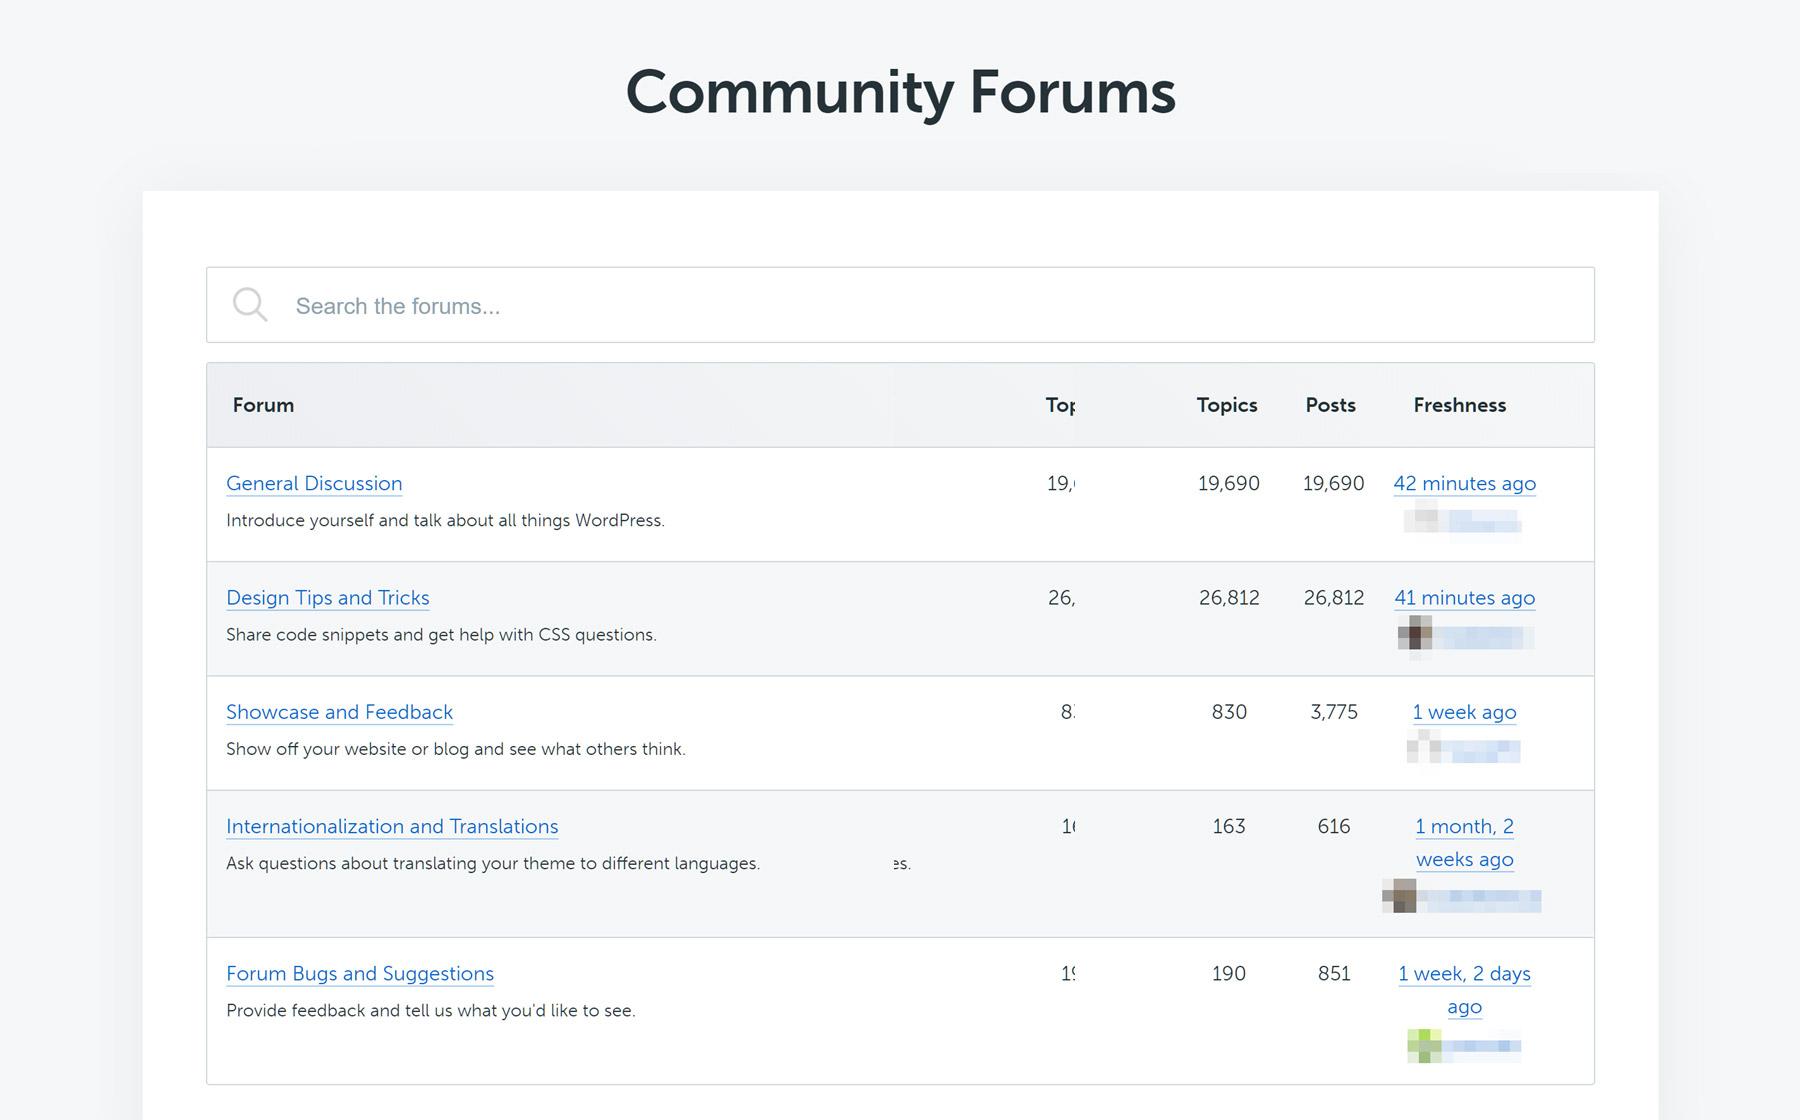 İcma dəstəyi forumları